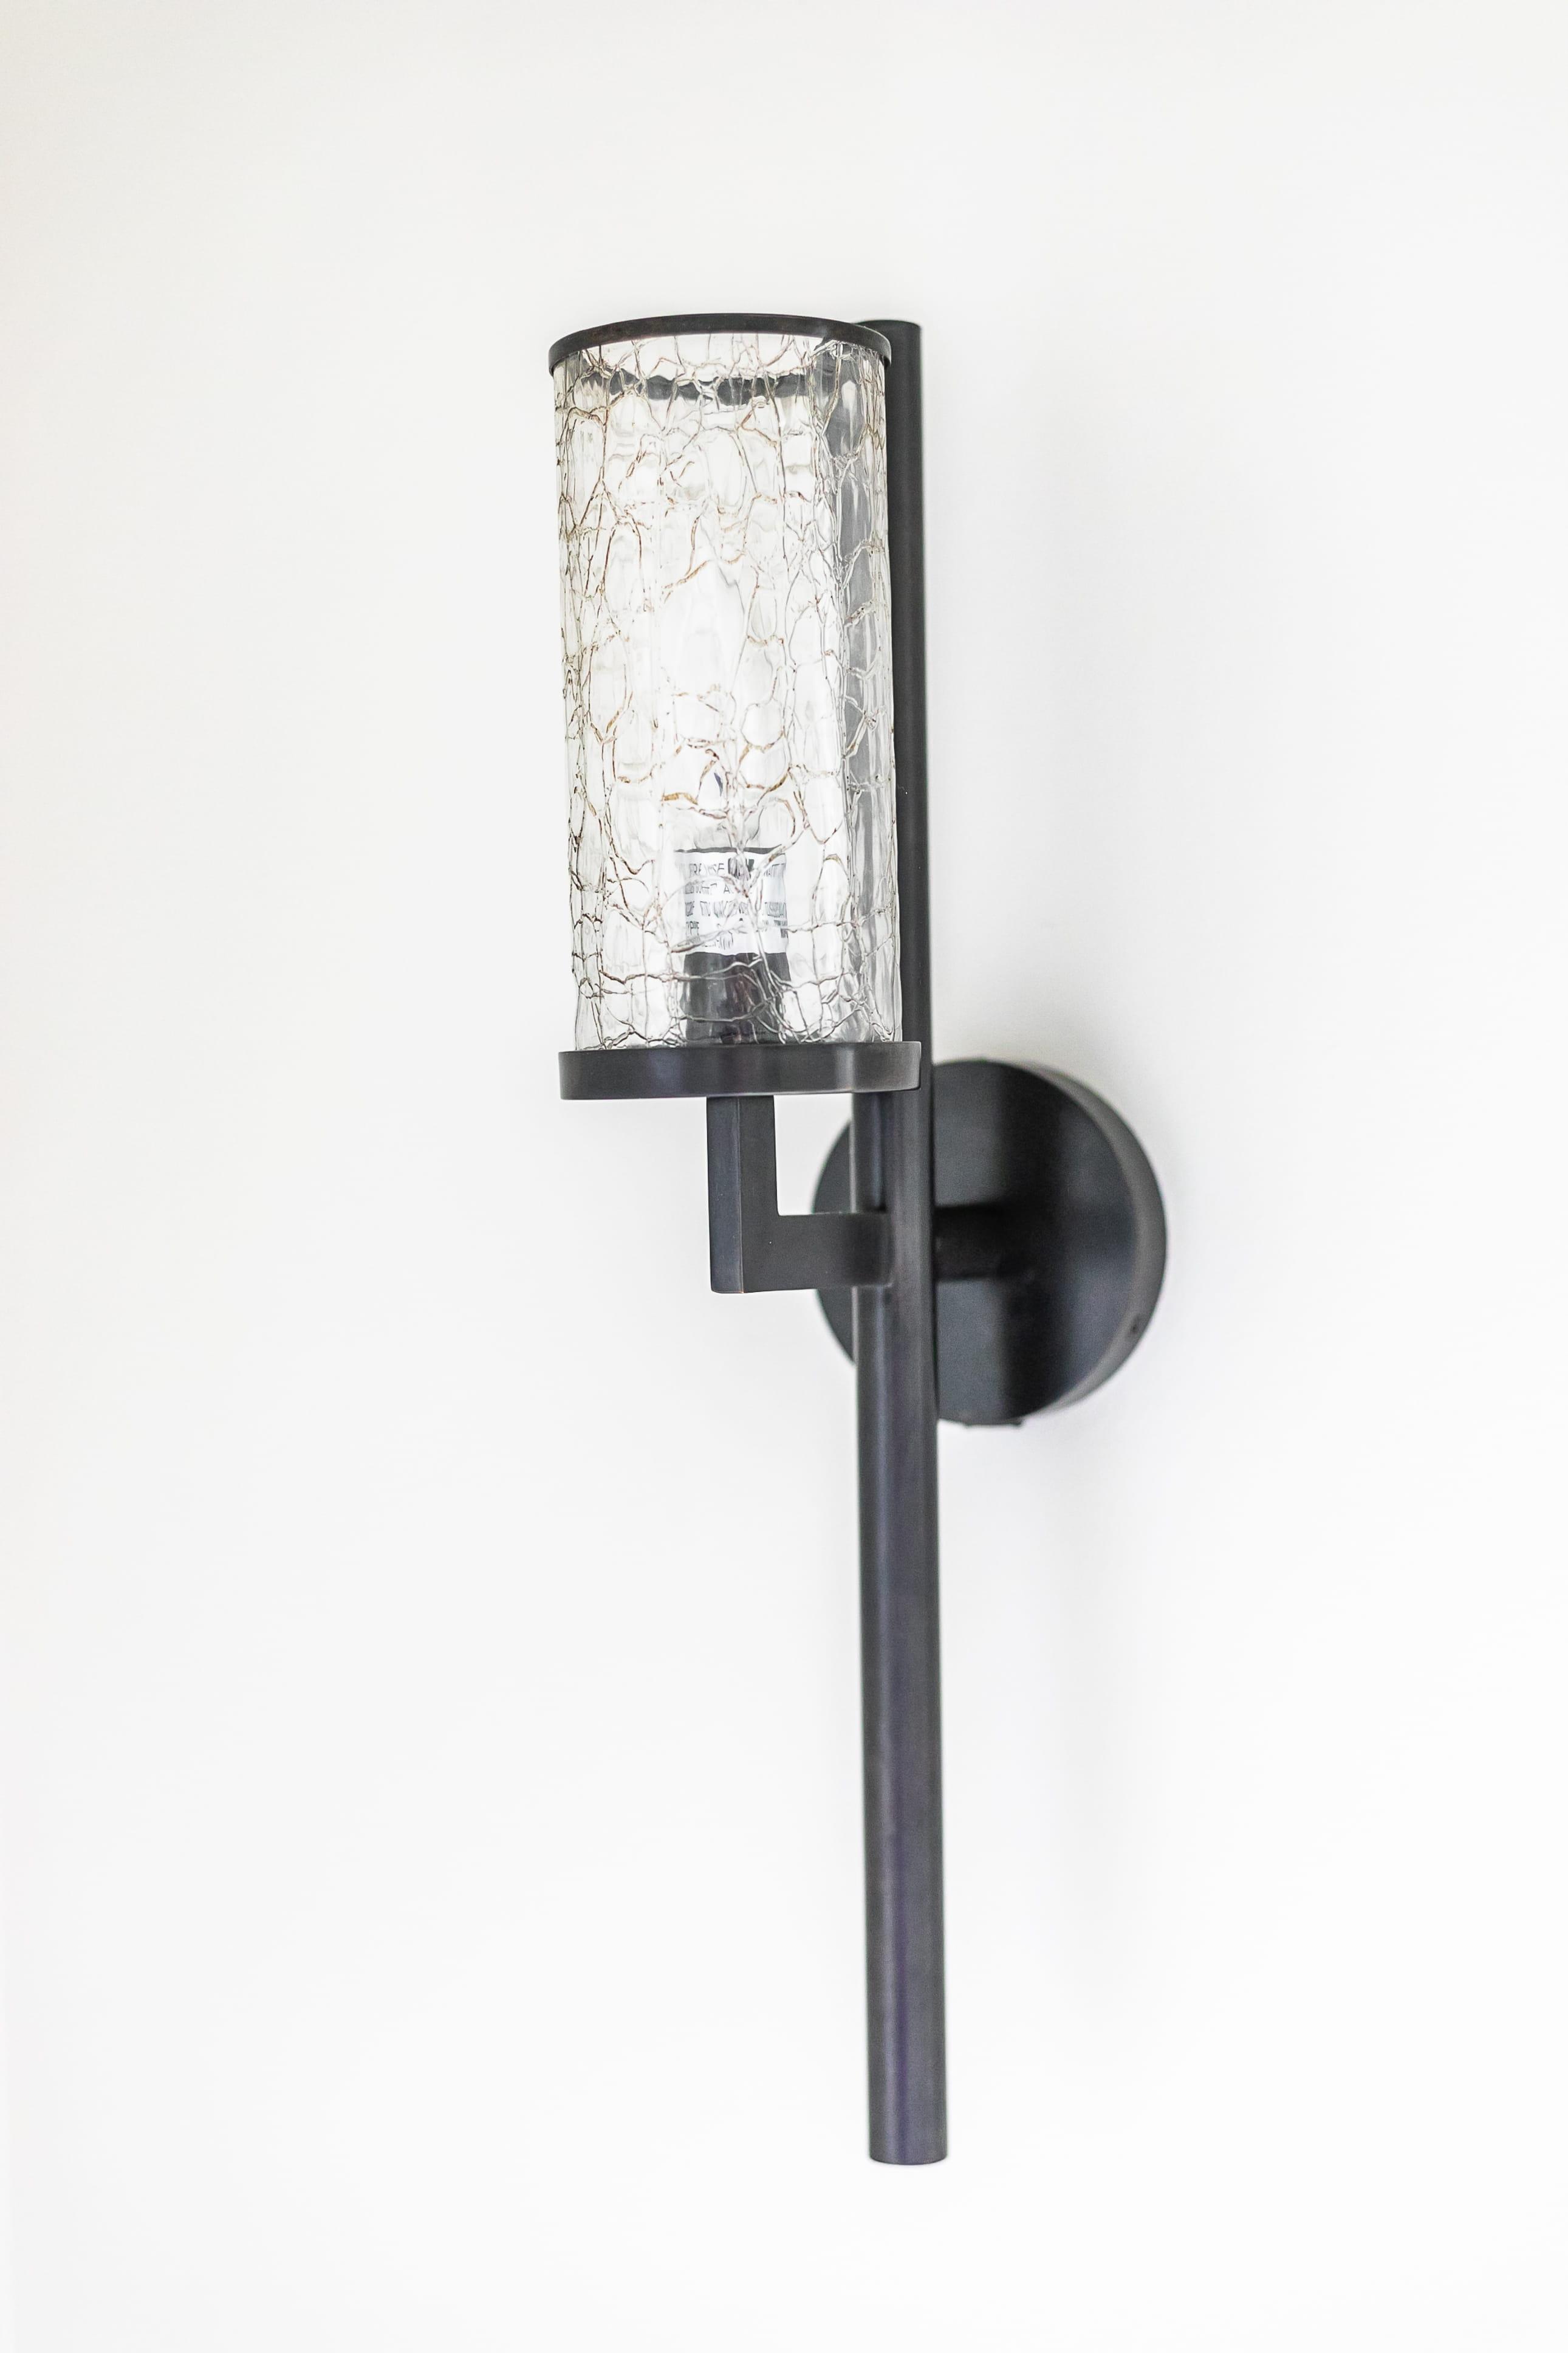 Interior Design | Winnetka Project | Matte & Gloss Interiors